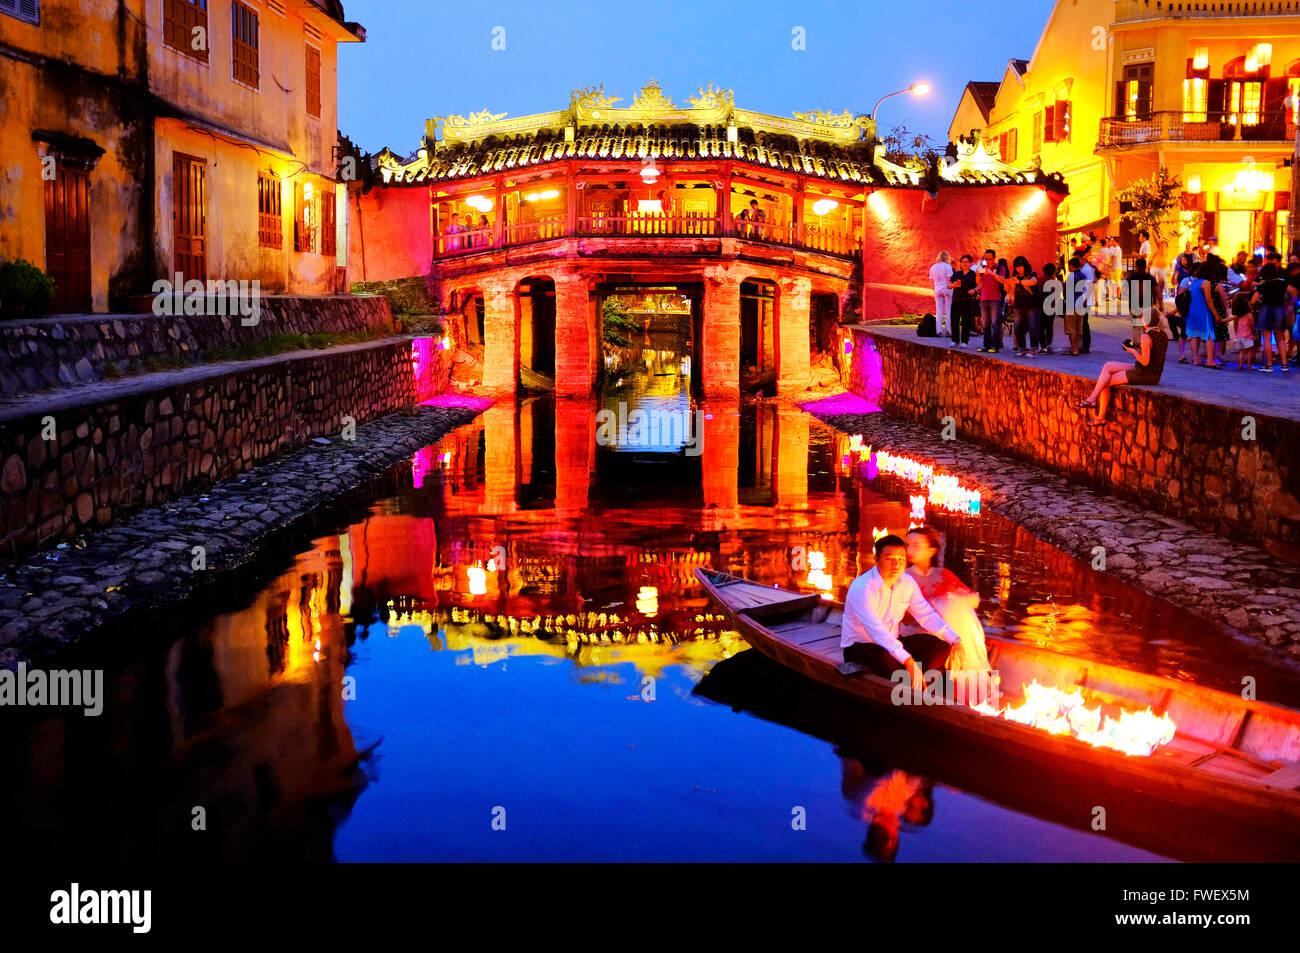 Puente cubierto japonés, Hoi An, Vietnam Imagen De Stock